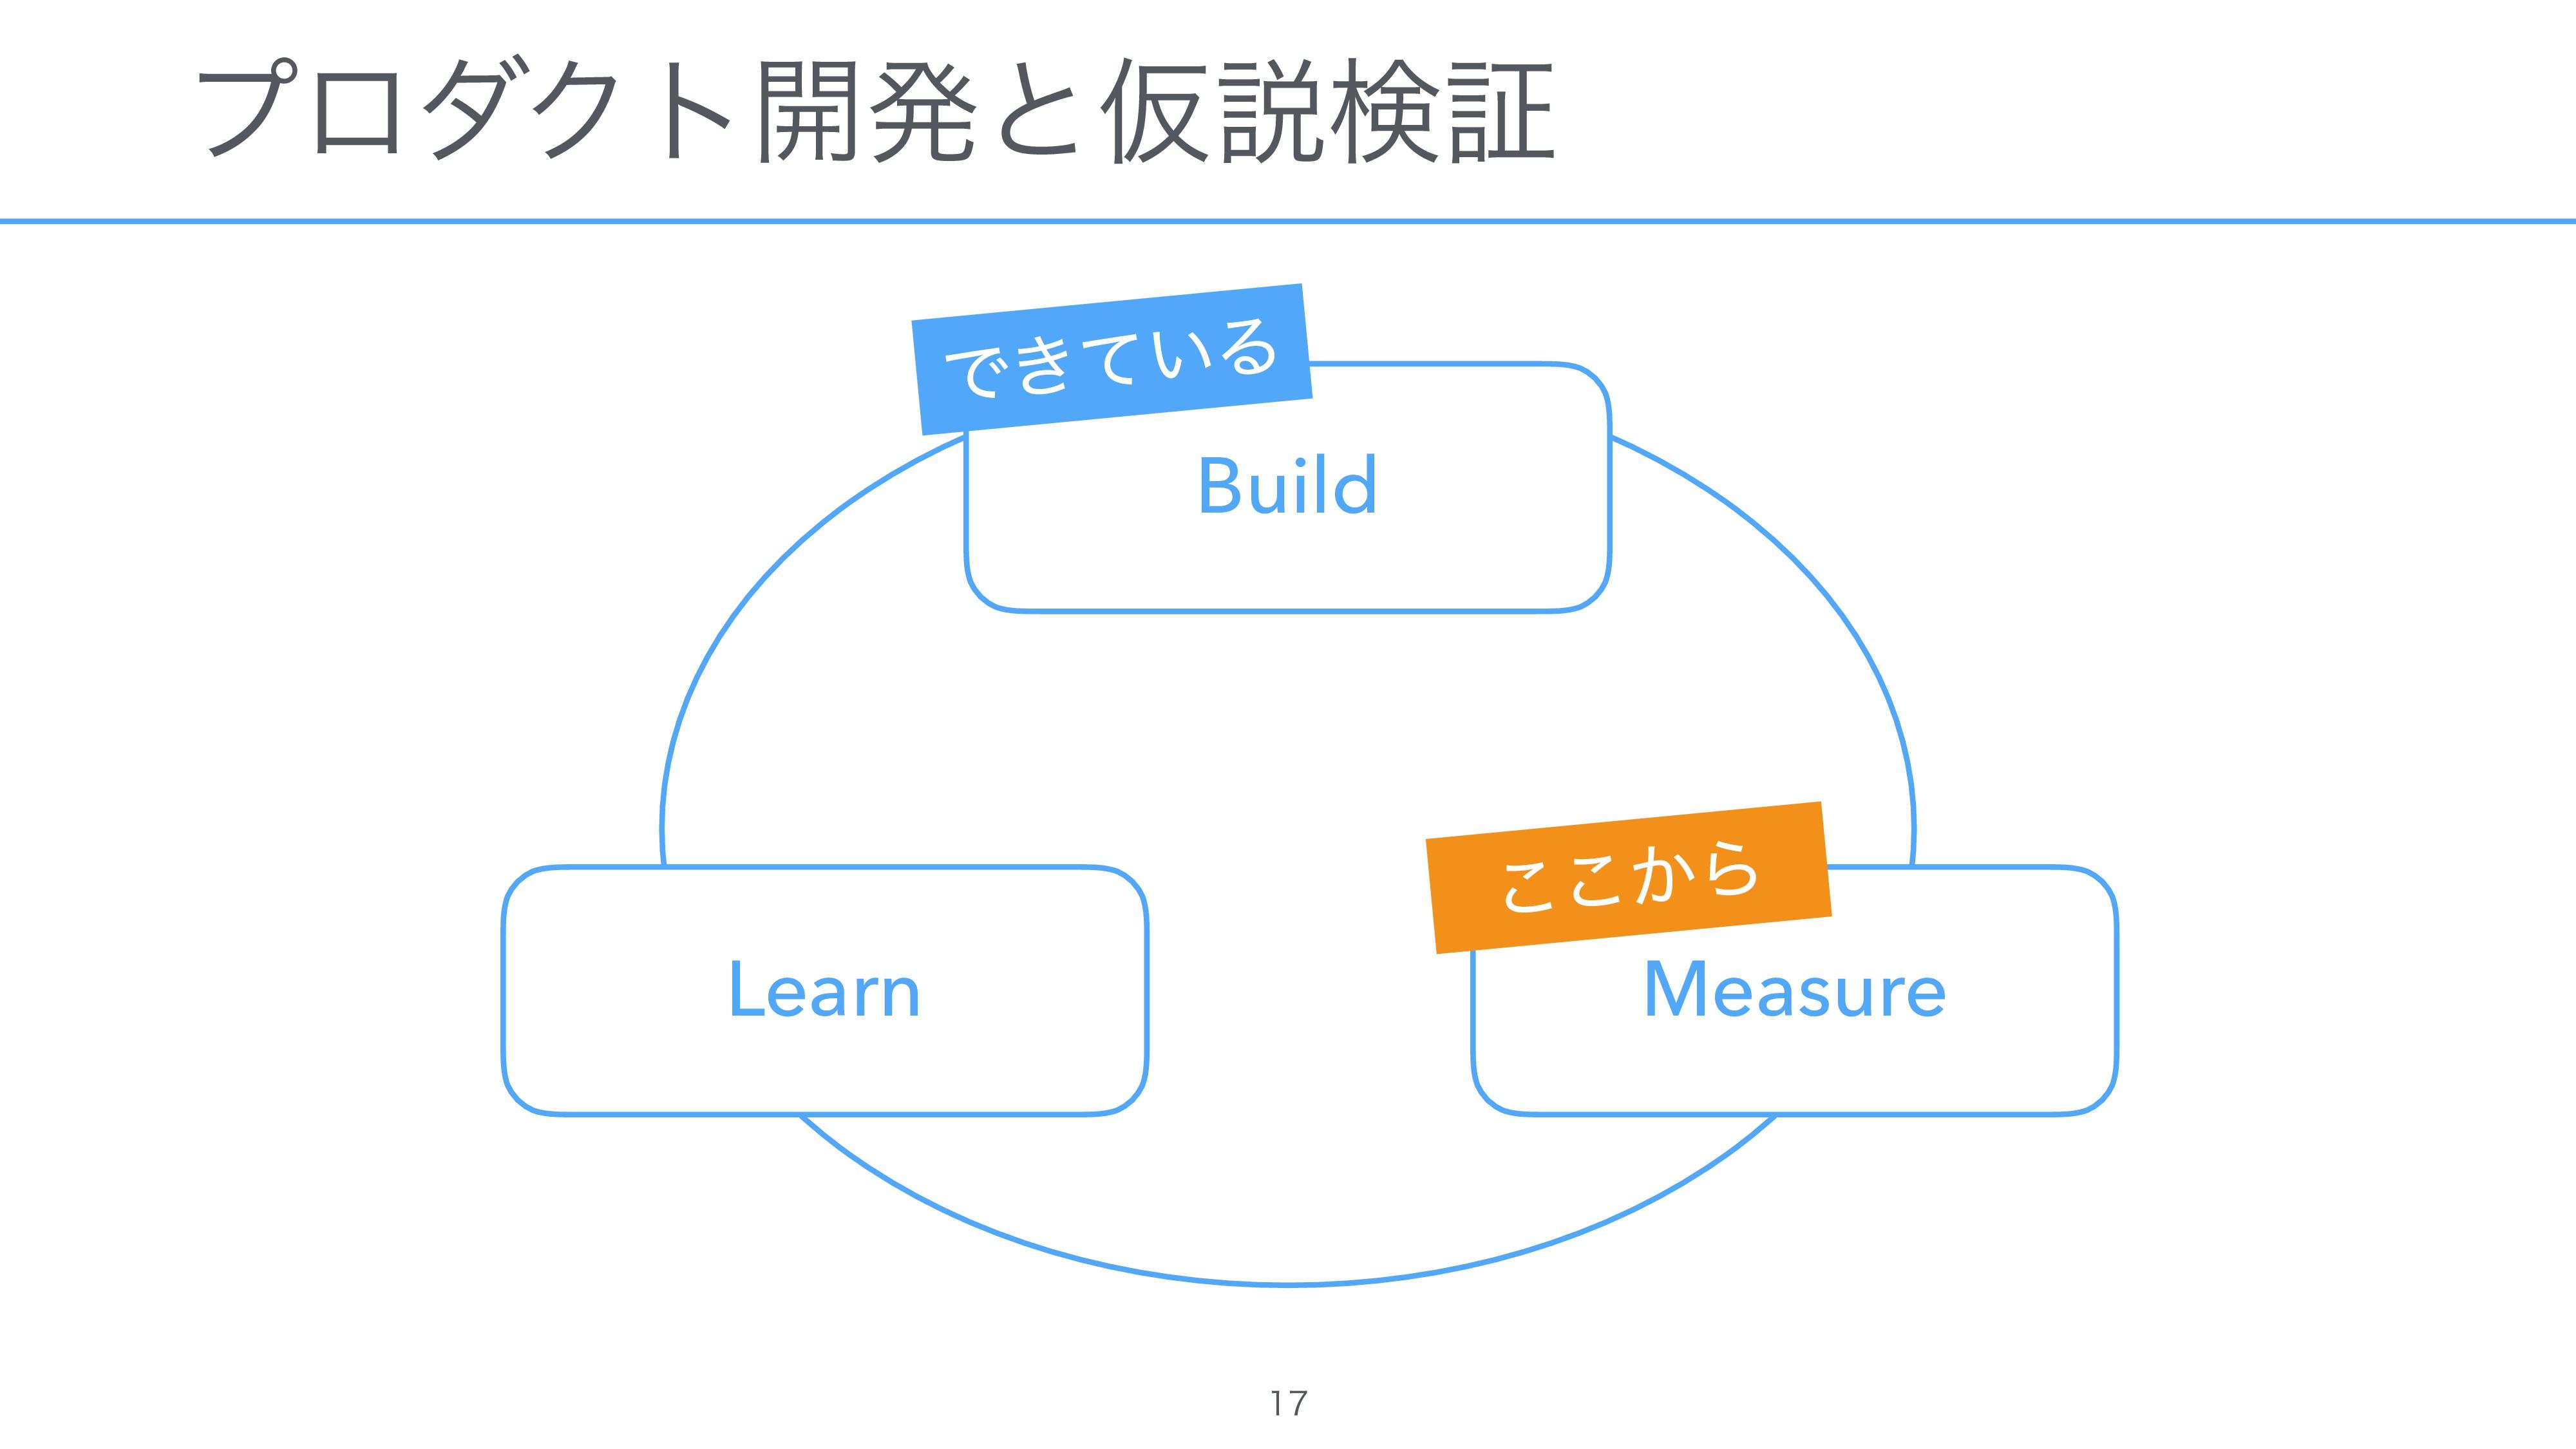 ϓϩμΫτ։ൃͱԾઆݕূ   Build Measure Learn Ͱ͖͍ͯΔ ͔͜͜Β